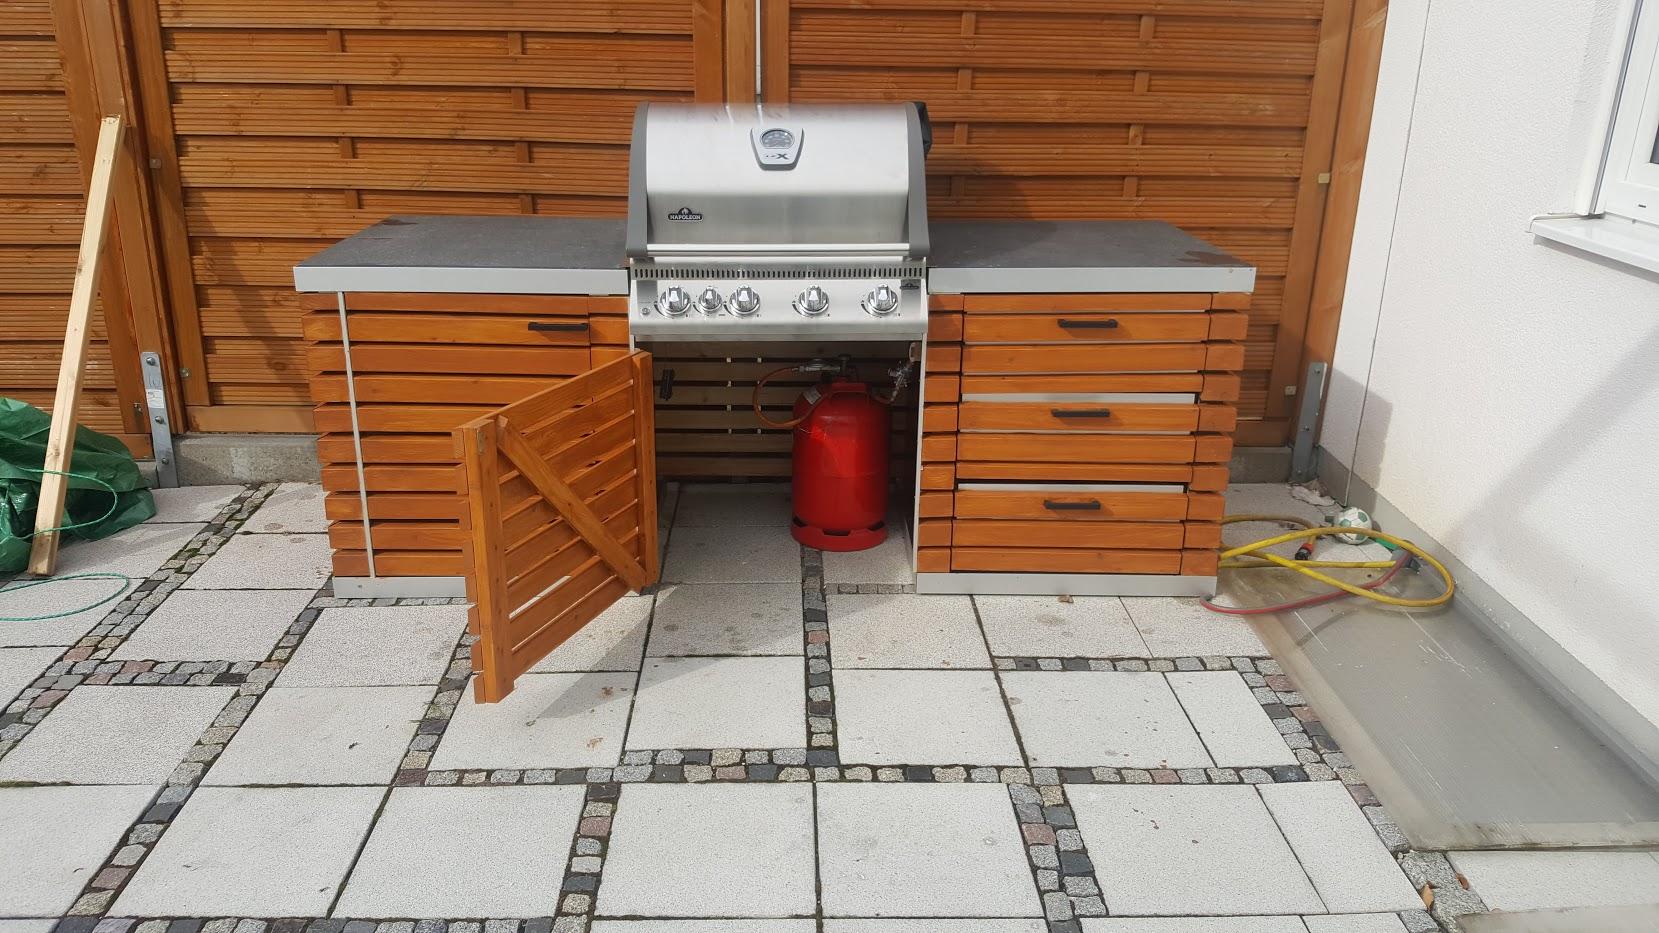 Nett Kleine Küche Erneuerungspreis Fotos - Küchen Design Ideen ...